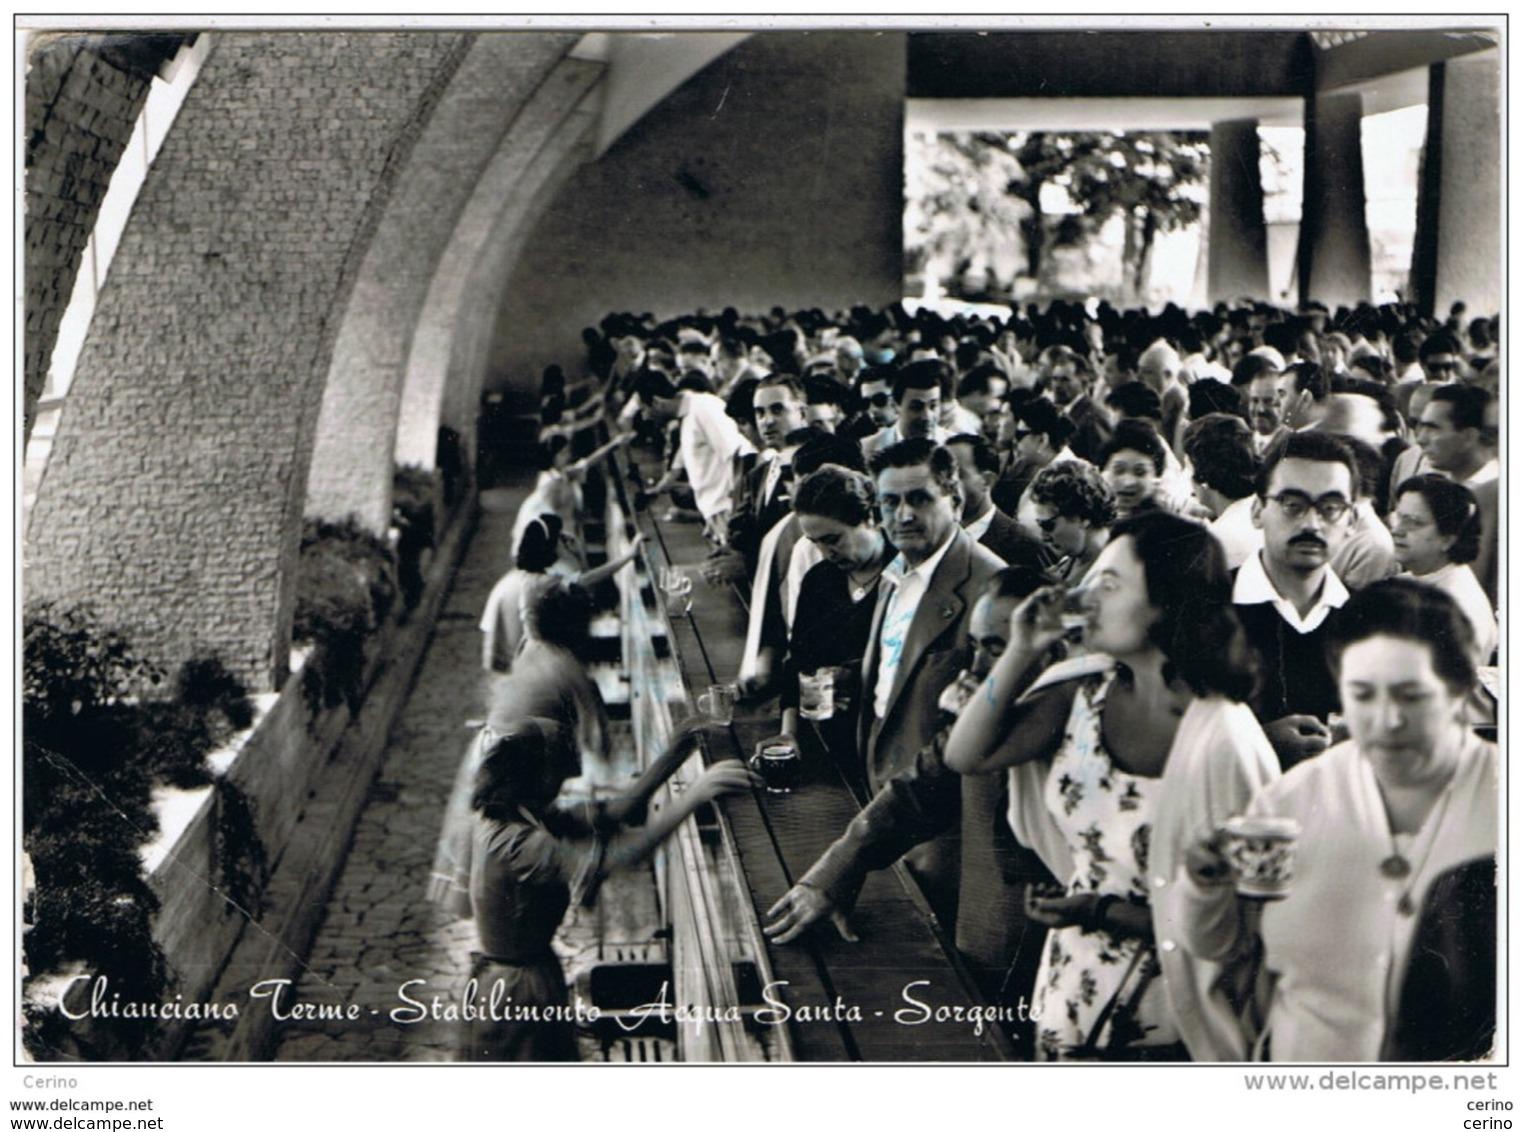 CHIANCIANO  TERME (SI): STABILIMENTO  ACQUA  SANTA -  SORGENTE  -  CARTOLINA  SGUALCITA  -  F.LLO  TOLTO  -  FOTO  -  FG - Salute